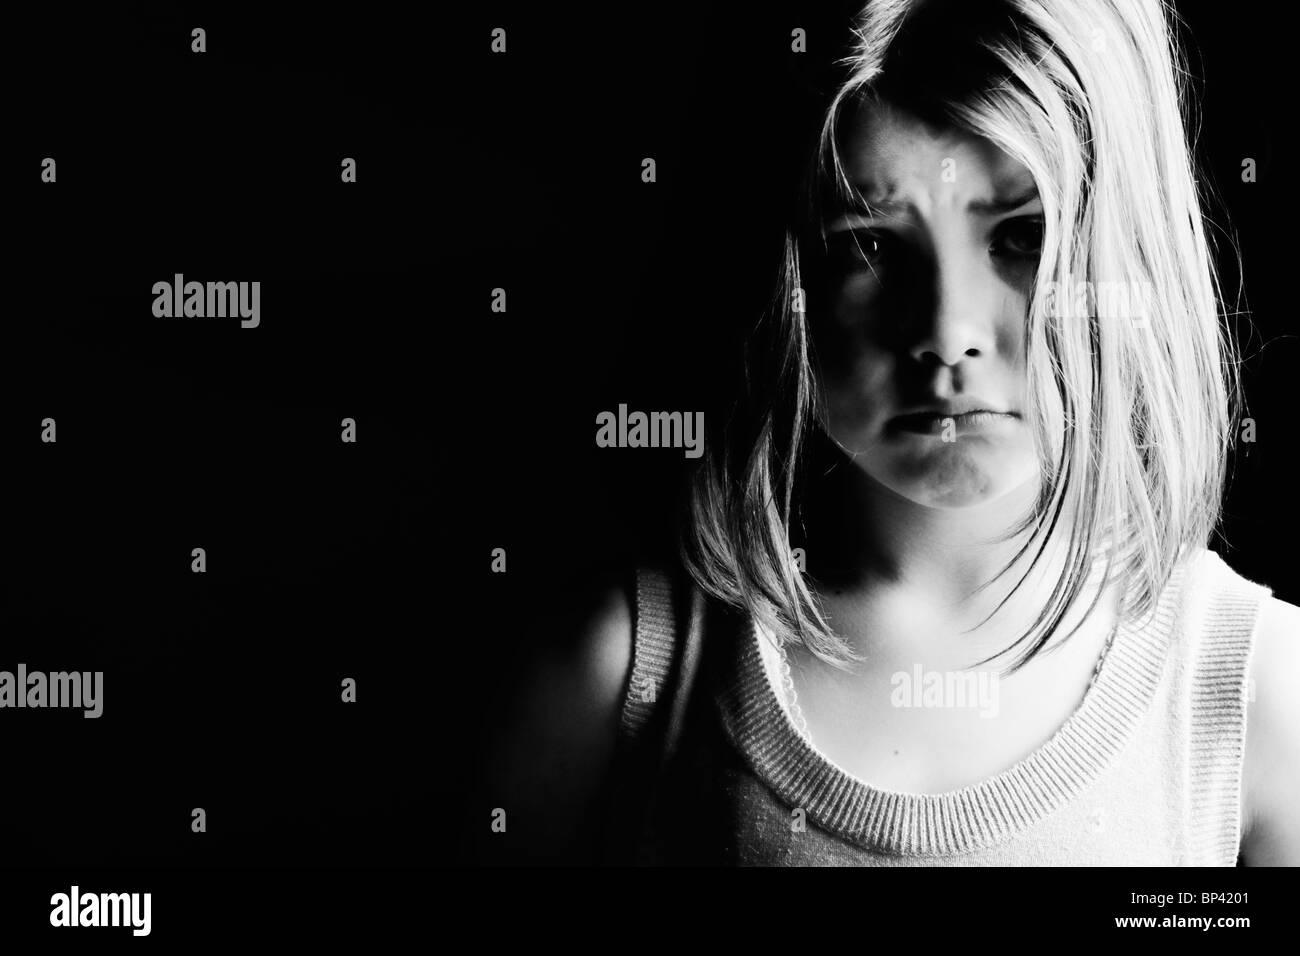 Leistungsstarke schwarz-weiß Schuss eines traurig aussehenden Kindes. Bilder der Vernachlässigung Stockbild